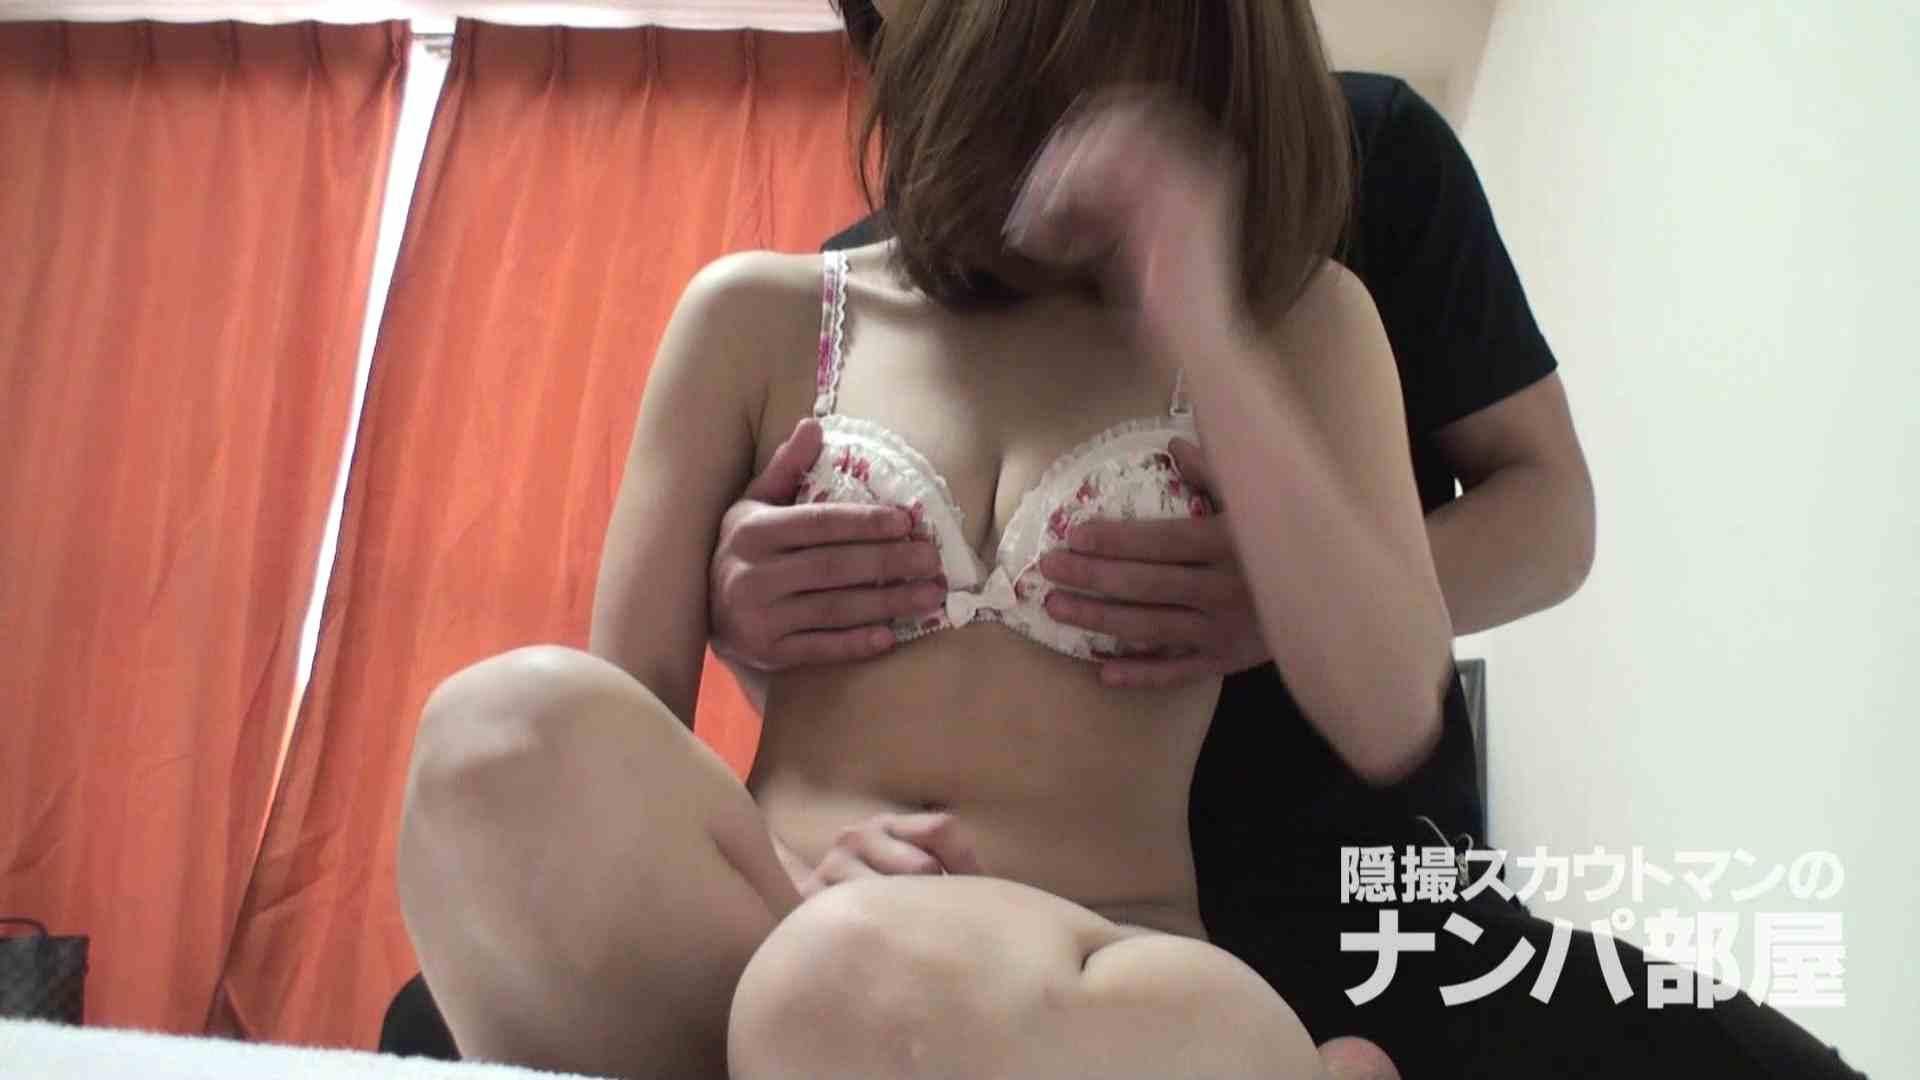 隠撮スカウトマンのナンパ部屋~風俗デビュー前のつまみ食い~ siivol.2 ナンパ  43連発 25